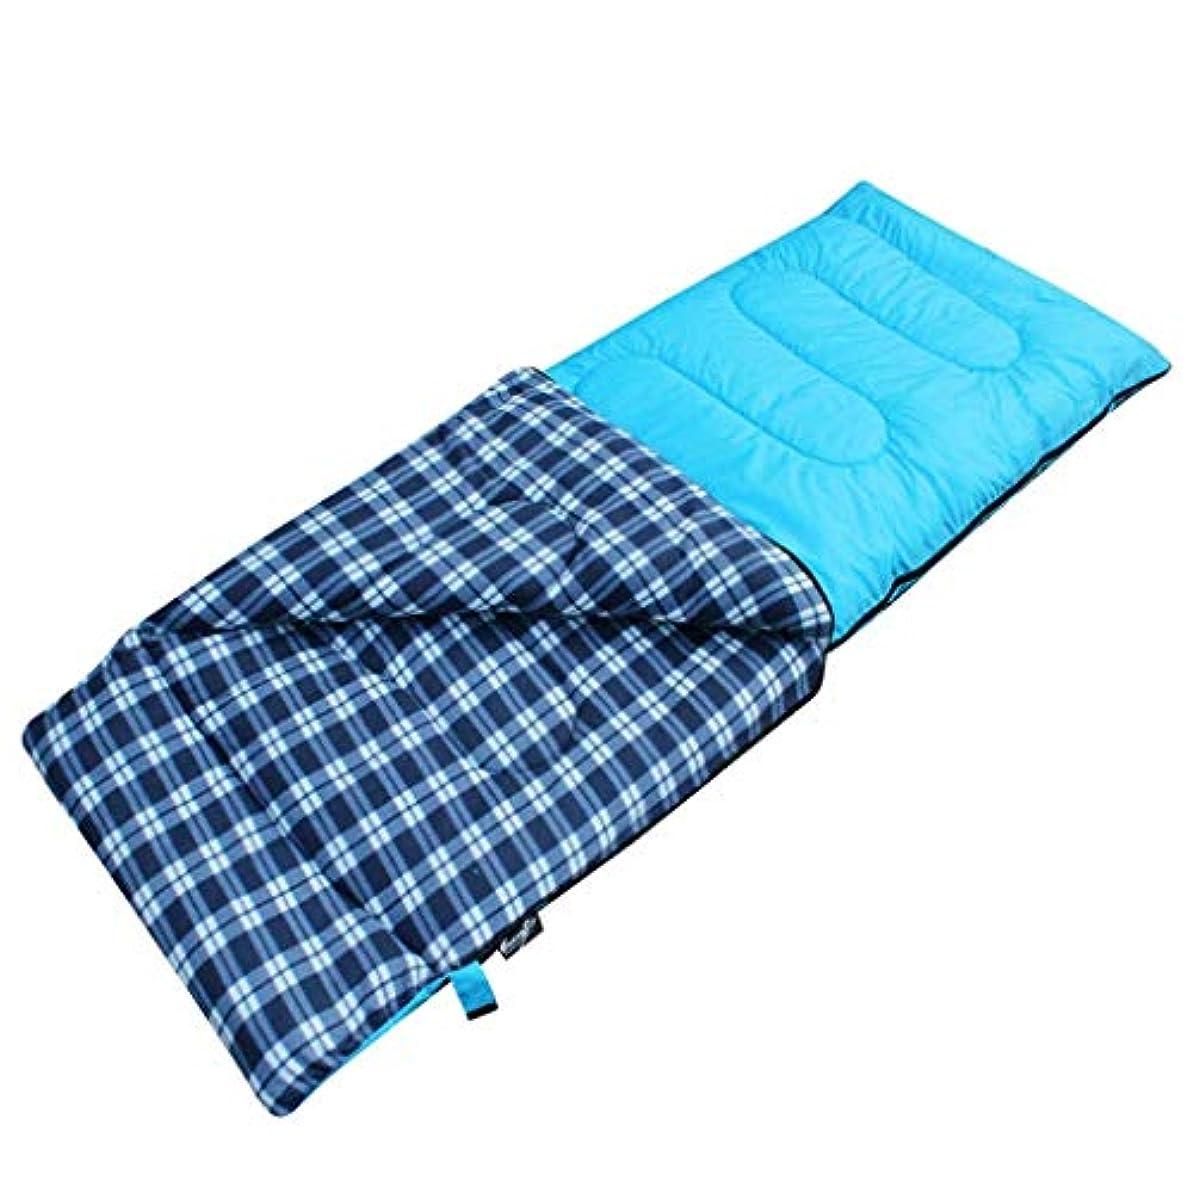 海外挽く囲むスエードの寝袋大人の屋内屋外秋と冬の綿の個体を厚く